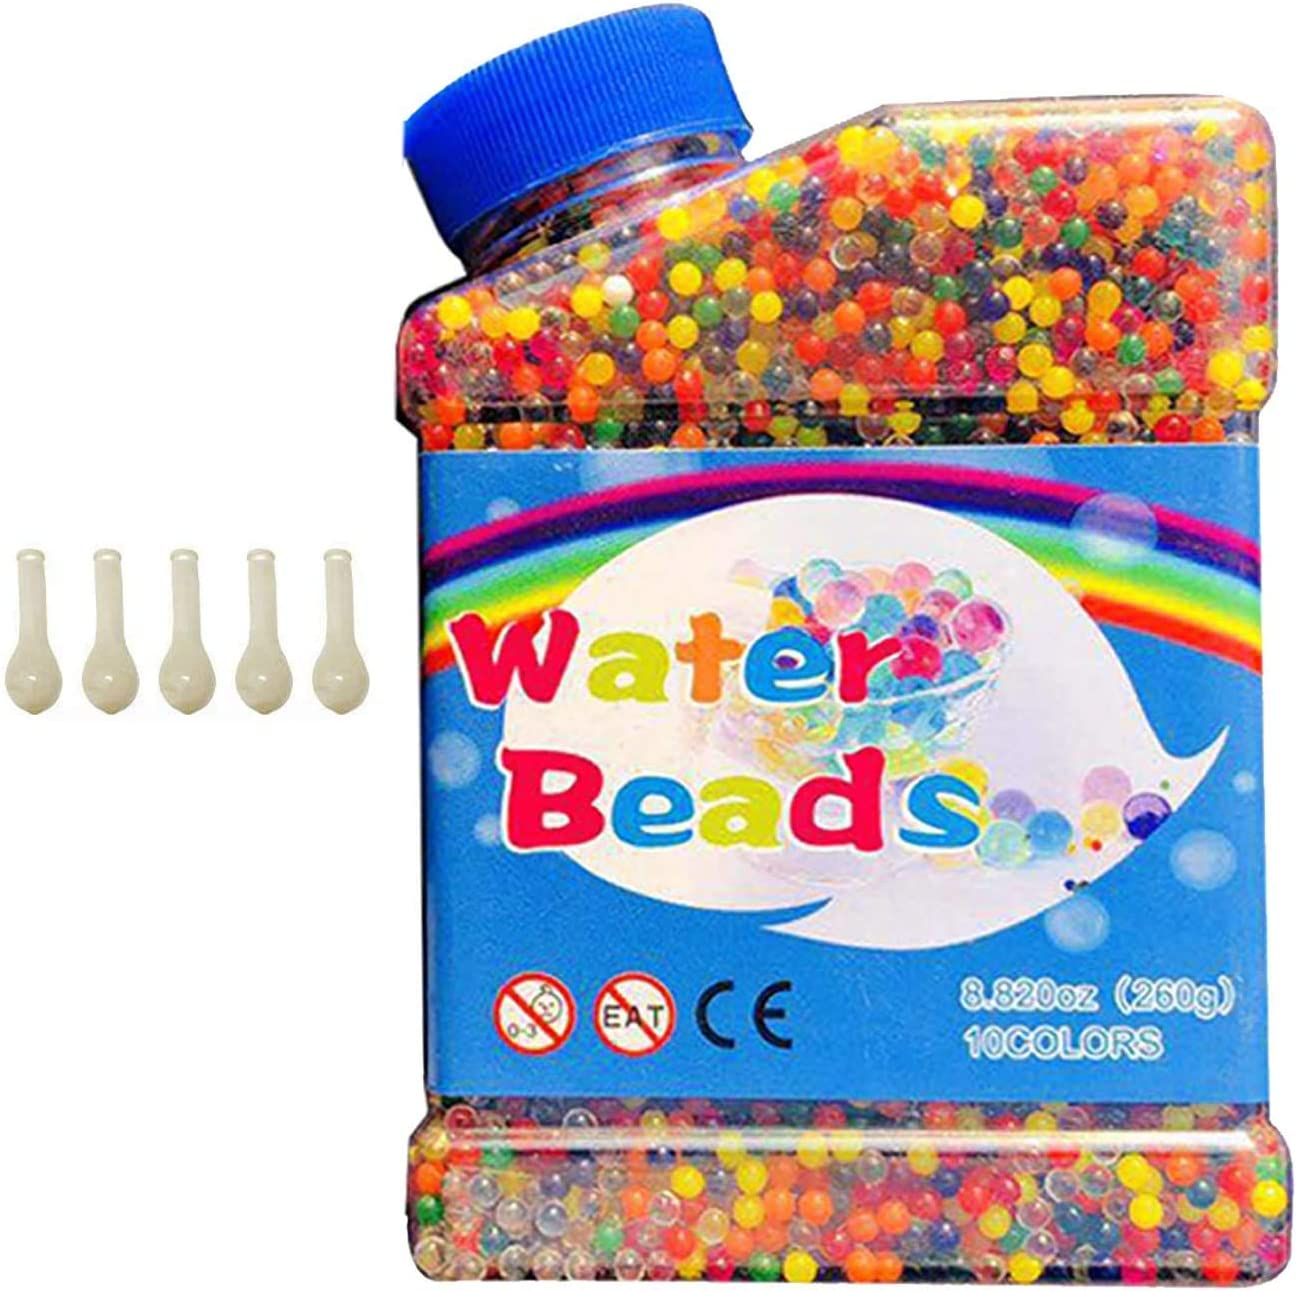 5 Globos Adicionales Incluidos HEPAZ 55000 PCS Bolas de Gel de Agua Perlas No T/óxicas Crecen En Agua,Perlas de Gel para decoraci/ón,